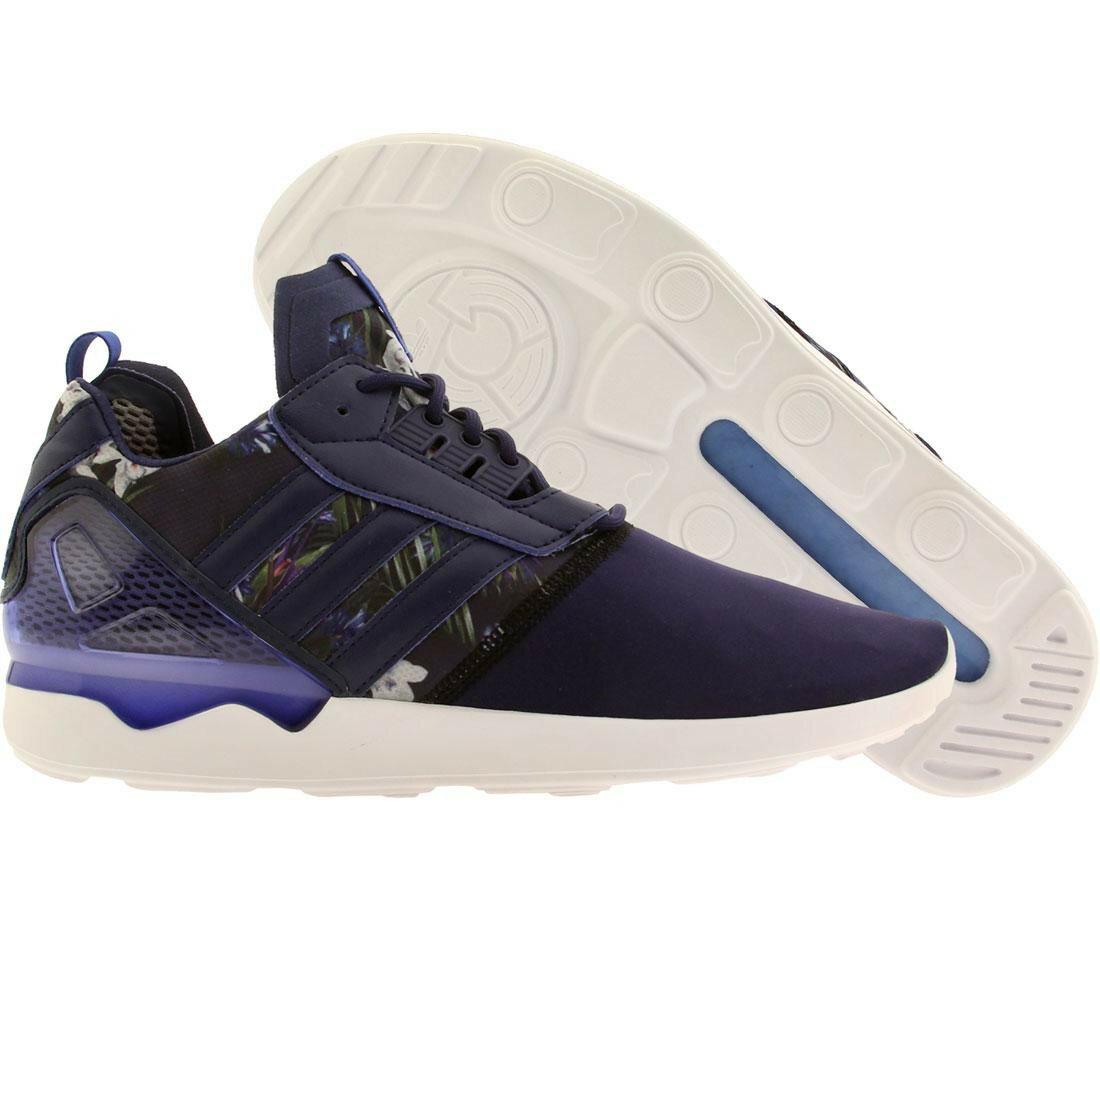 メンズ靴, スニーカー  ADIDAS MEN ZX 8000 BOOST BLUE NIGHT SKY BOLD